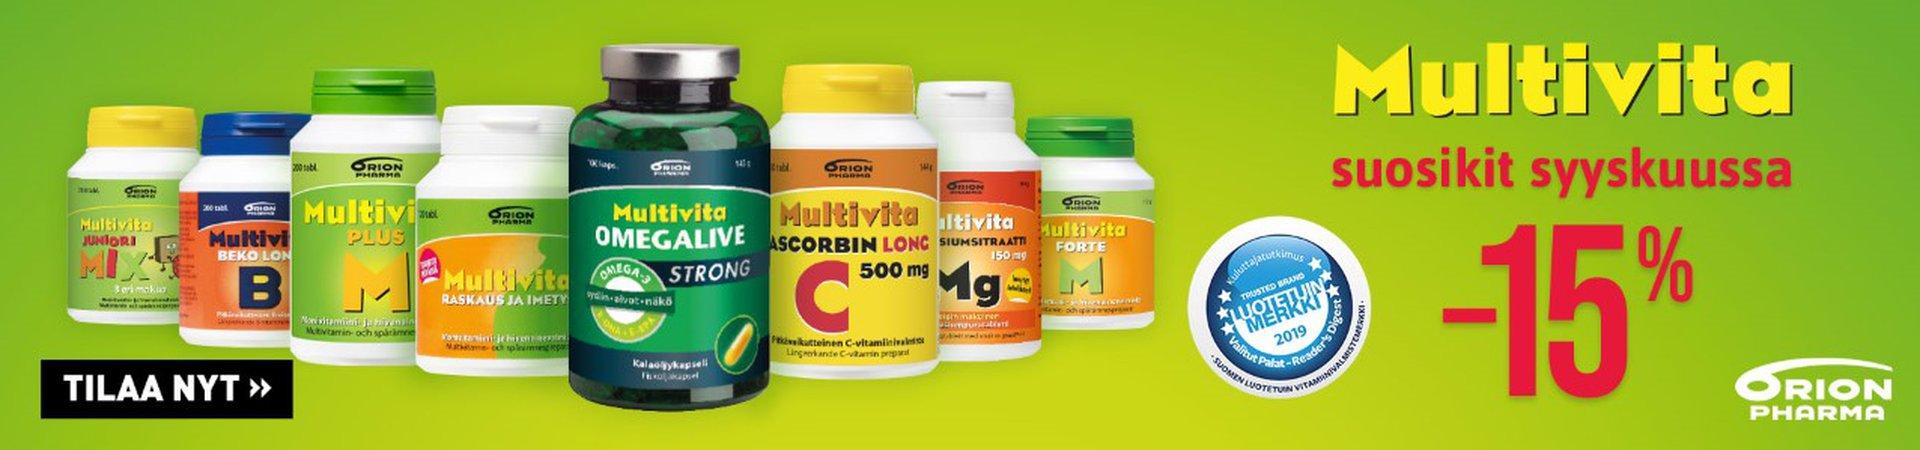 Multivita -tuotteet syyskuu19